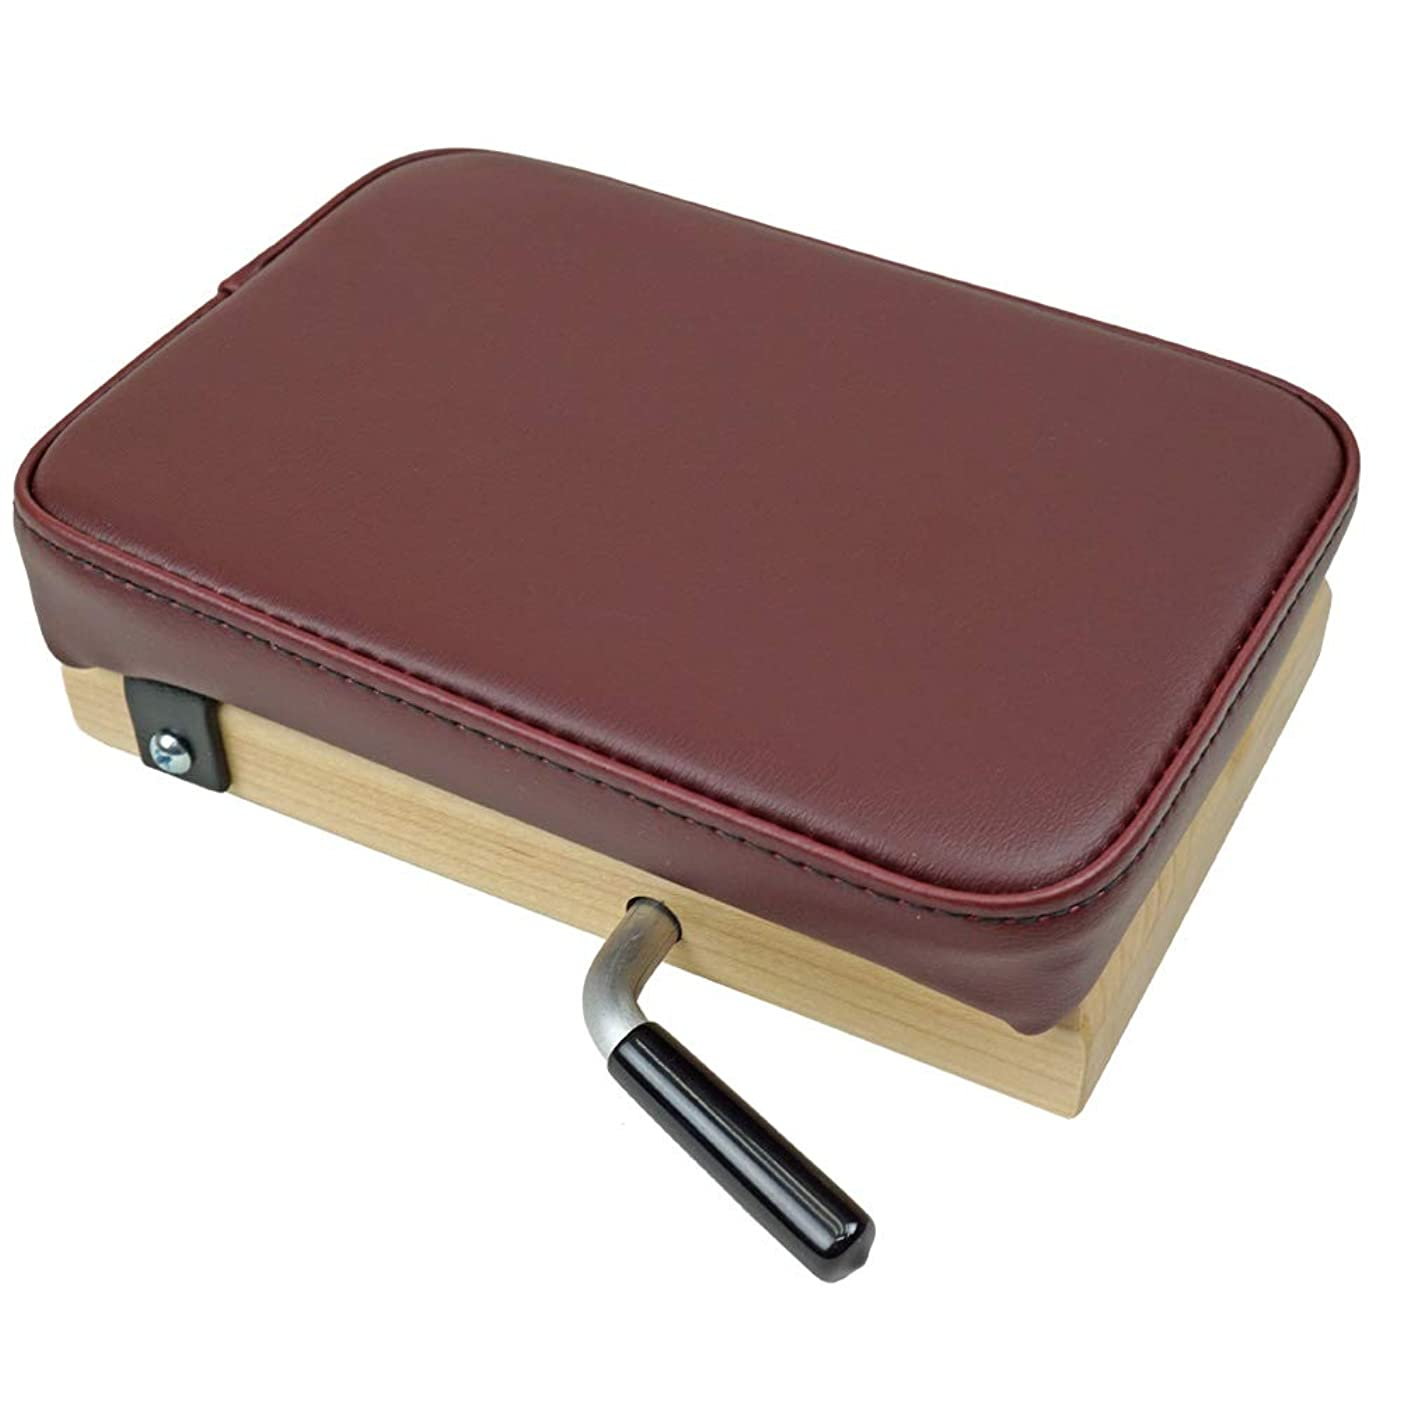 刑務所配分演じるTHULI TABLE (ツゥーリテーブル) ポータブルドロップB シングルクッション ドロップ 四肢用 手関節 足関節 の アジャストに